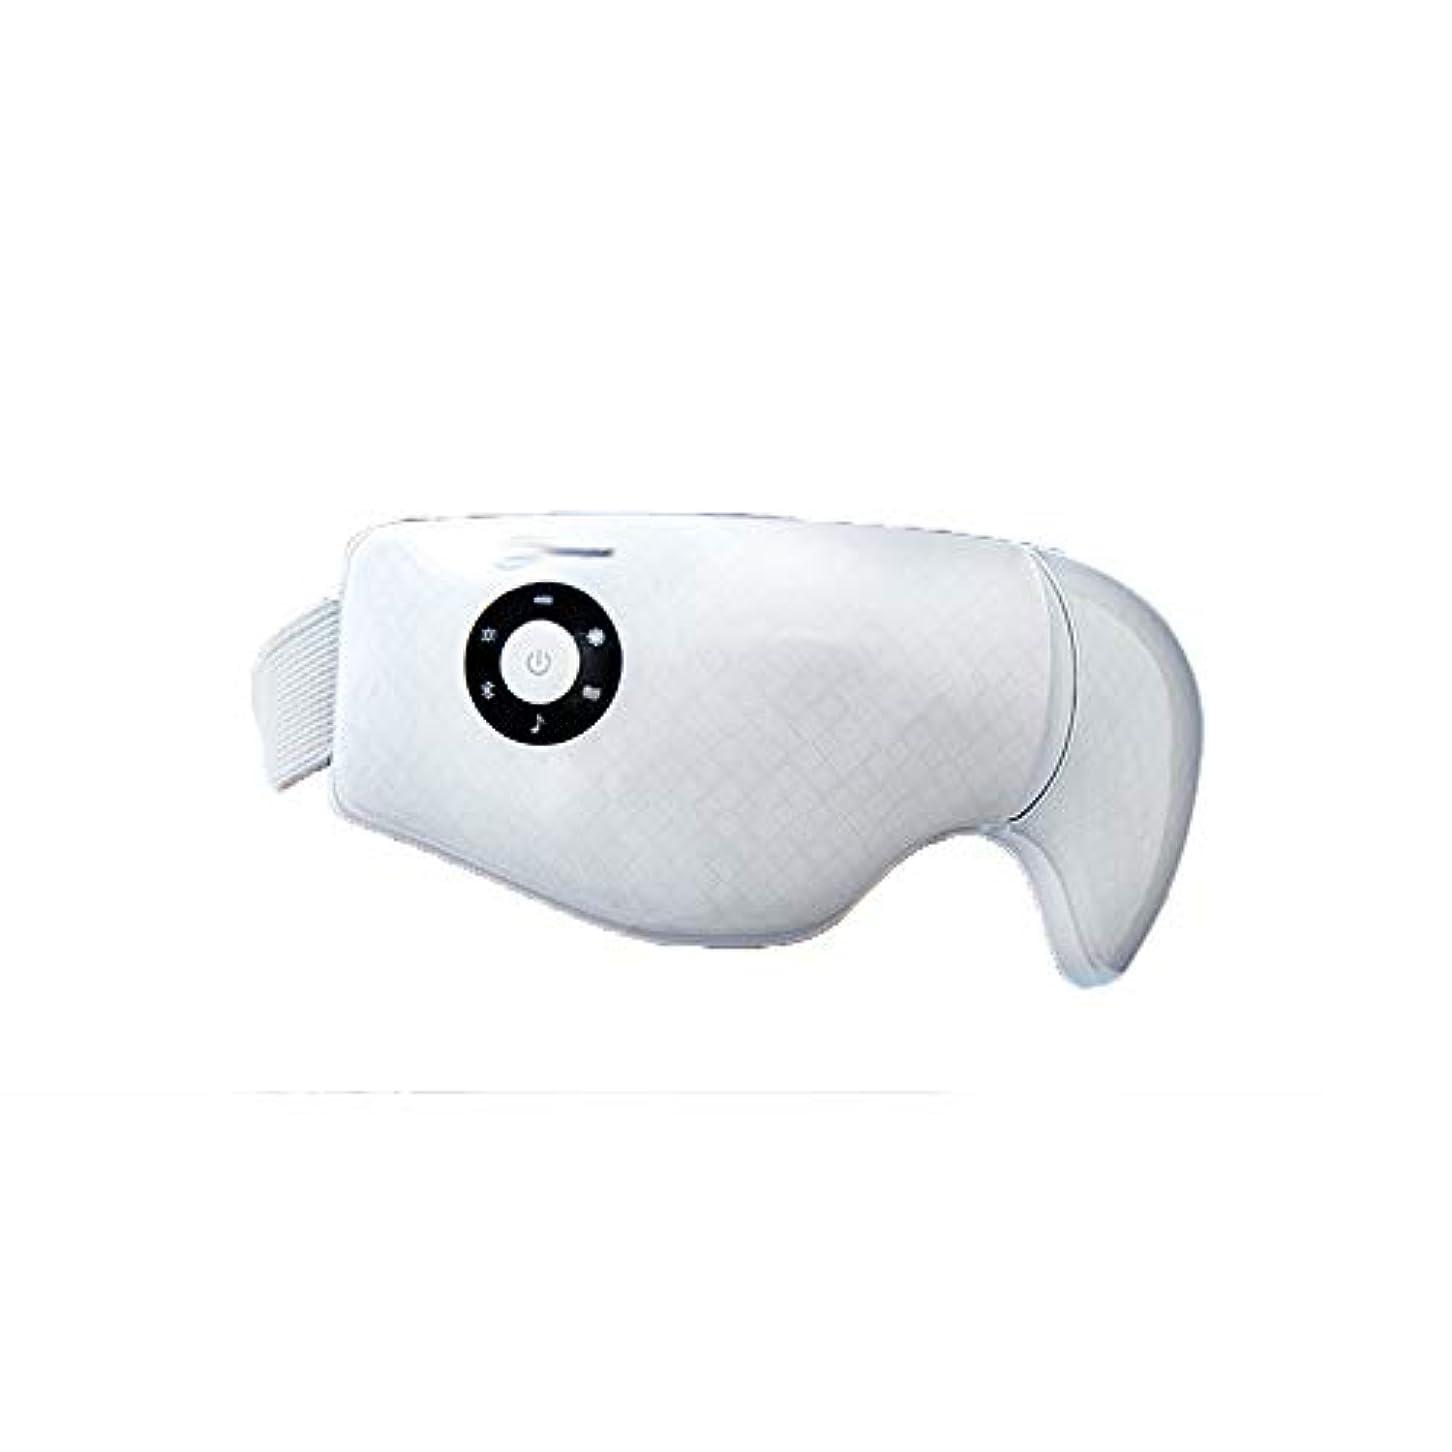 モックこだわり与えるマッサージャー - マッサージャーは、黒丸を回復するために近視をホット圧縮します (Color : White)